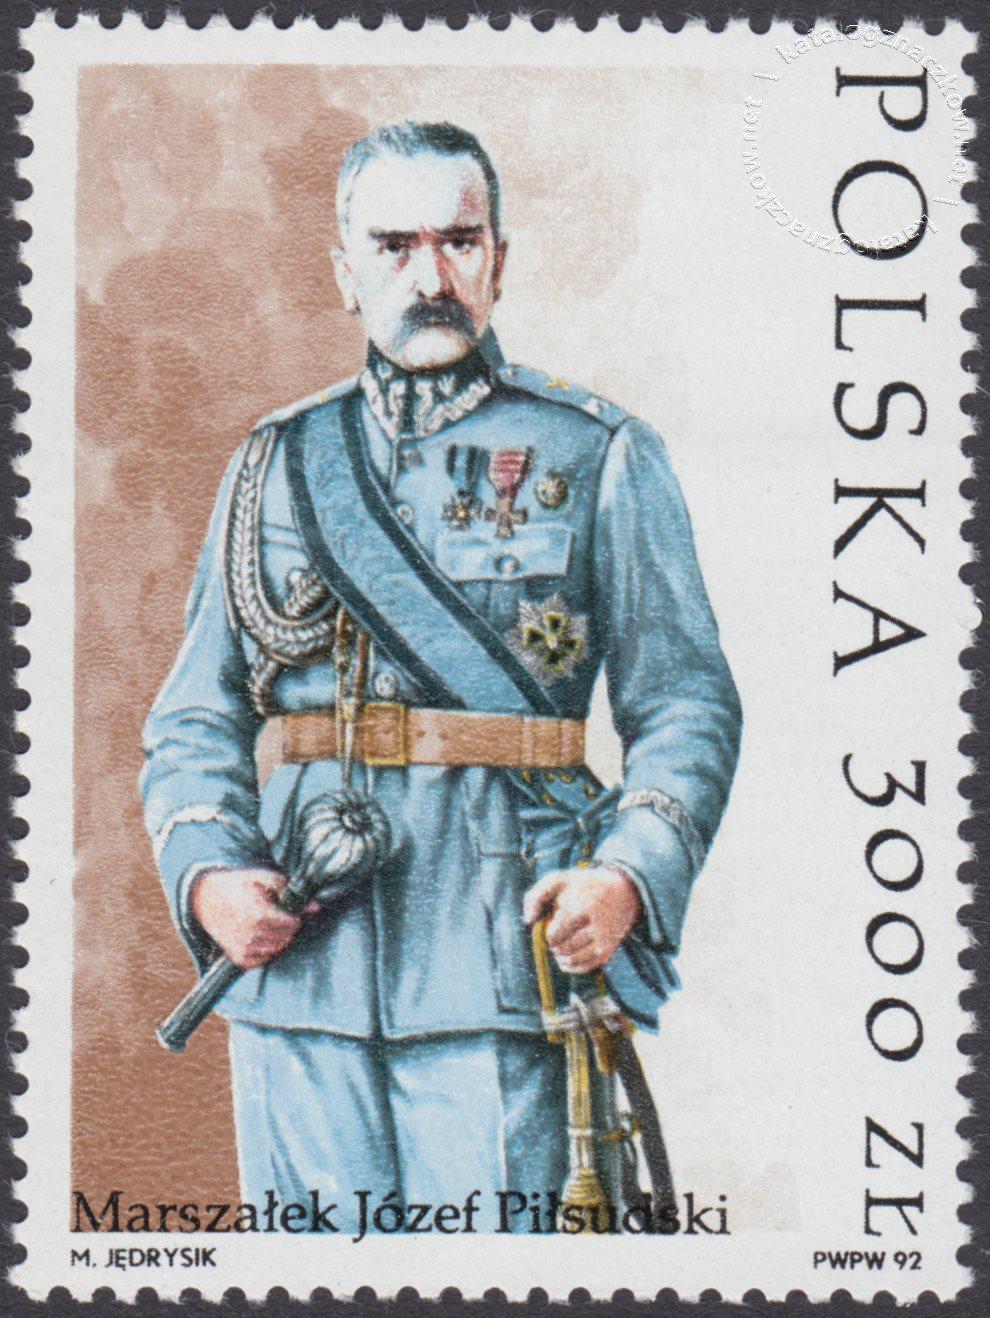 200 rocznica ustanowienia Orderu Wojennego Virtuti Militari – 3236